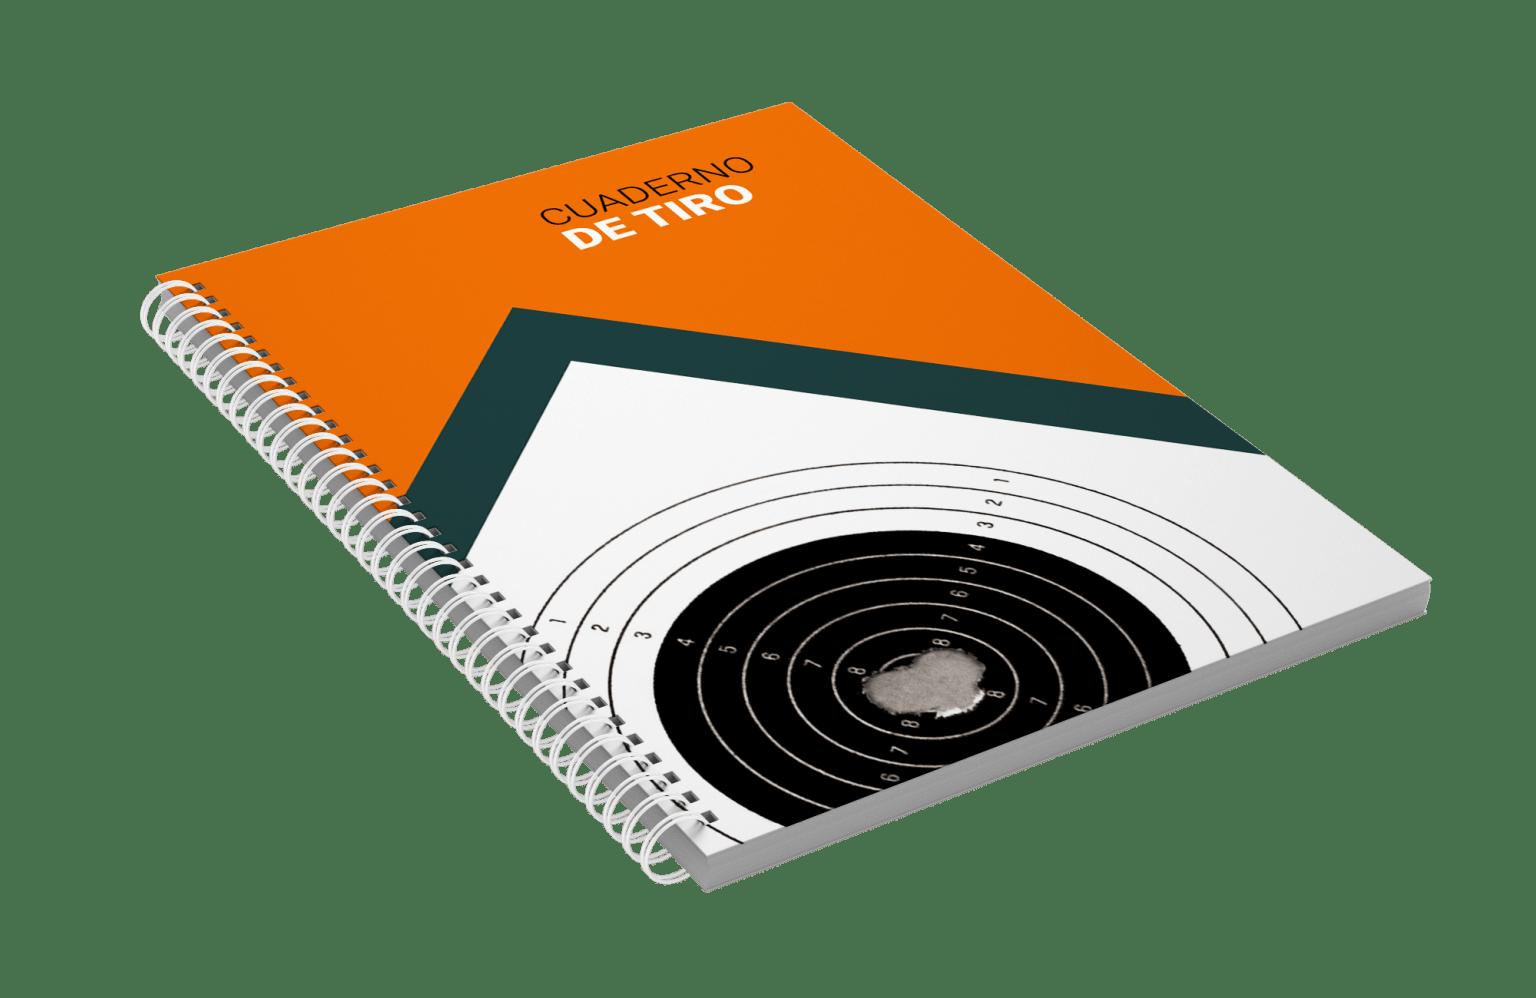 Cuaderno de Tiro shooting diary